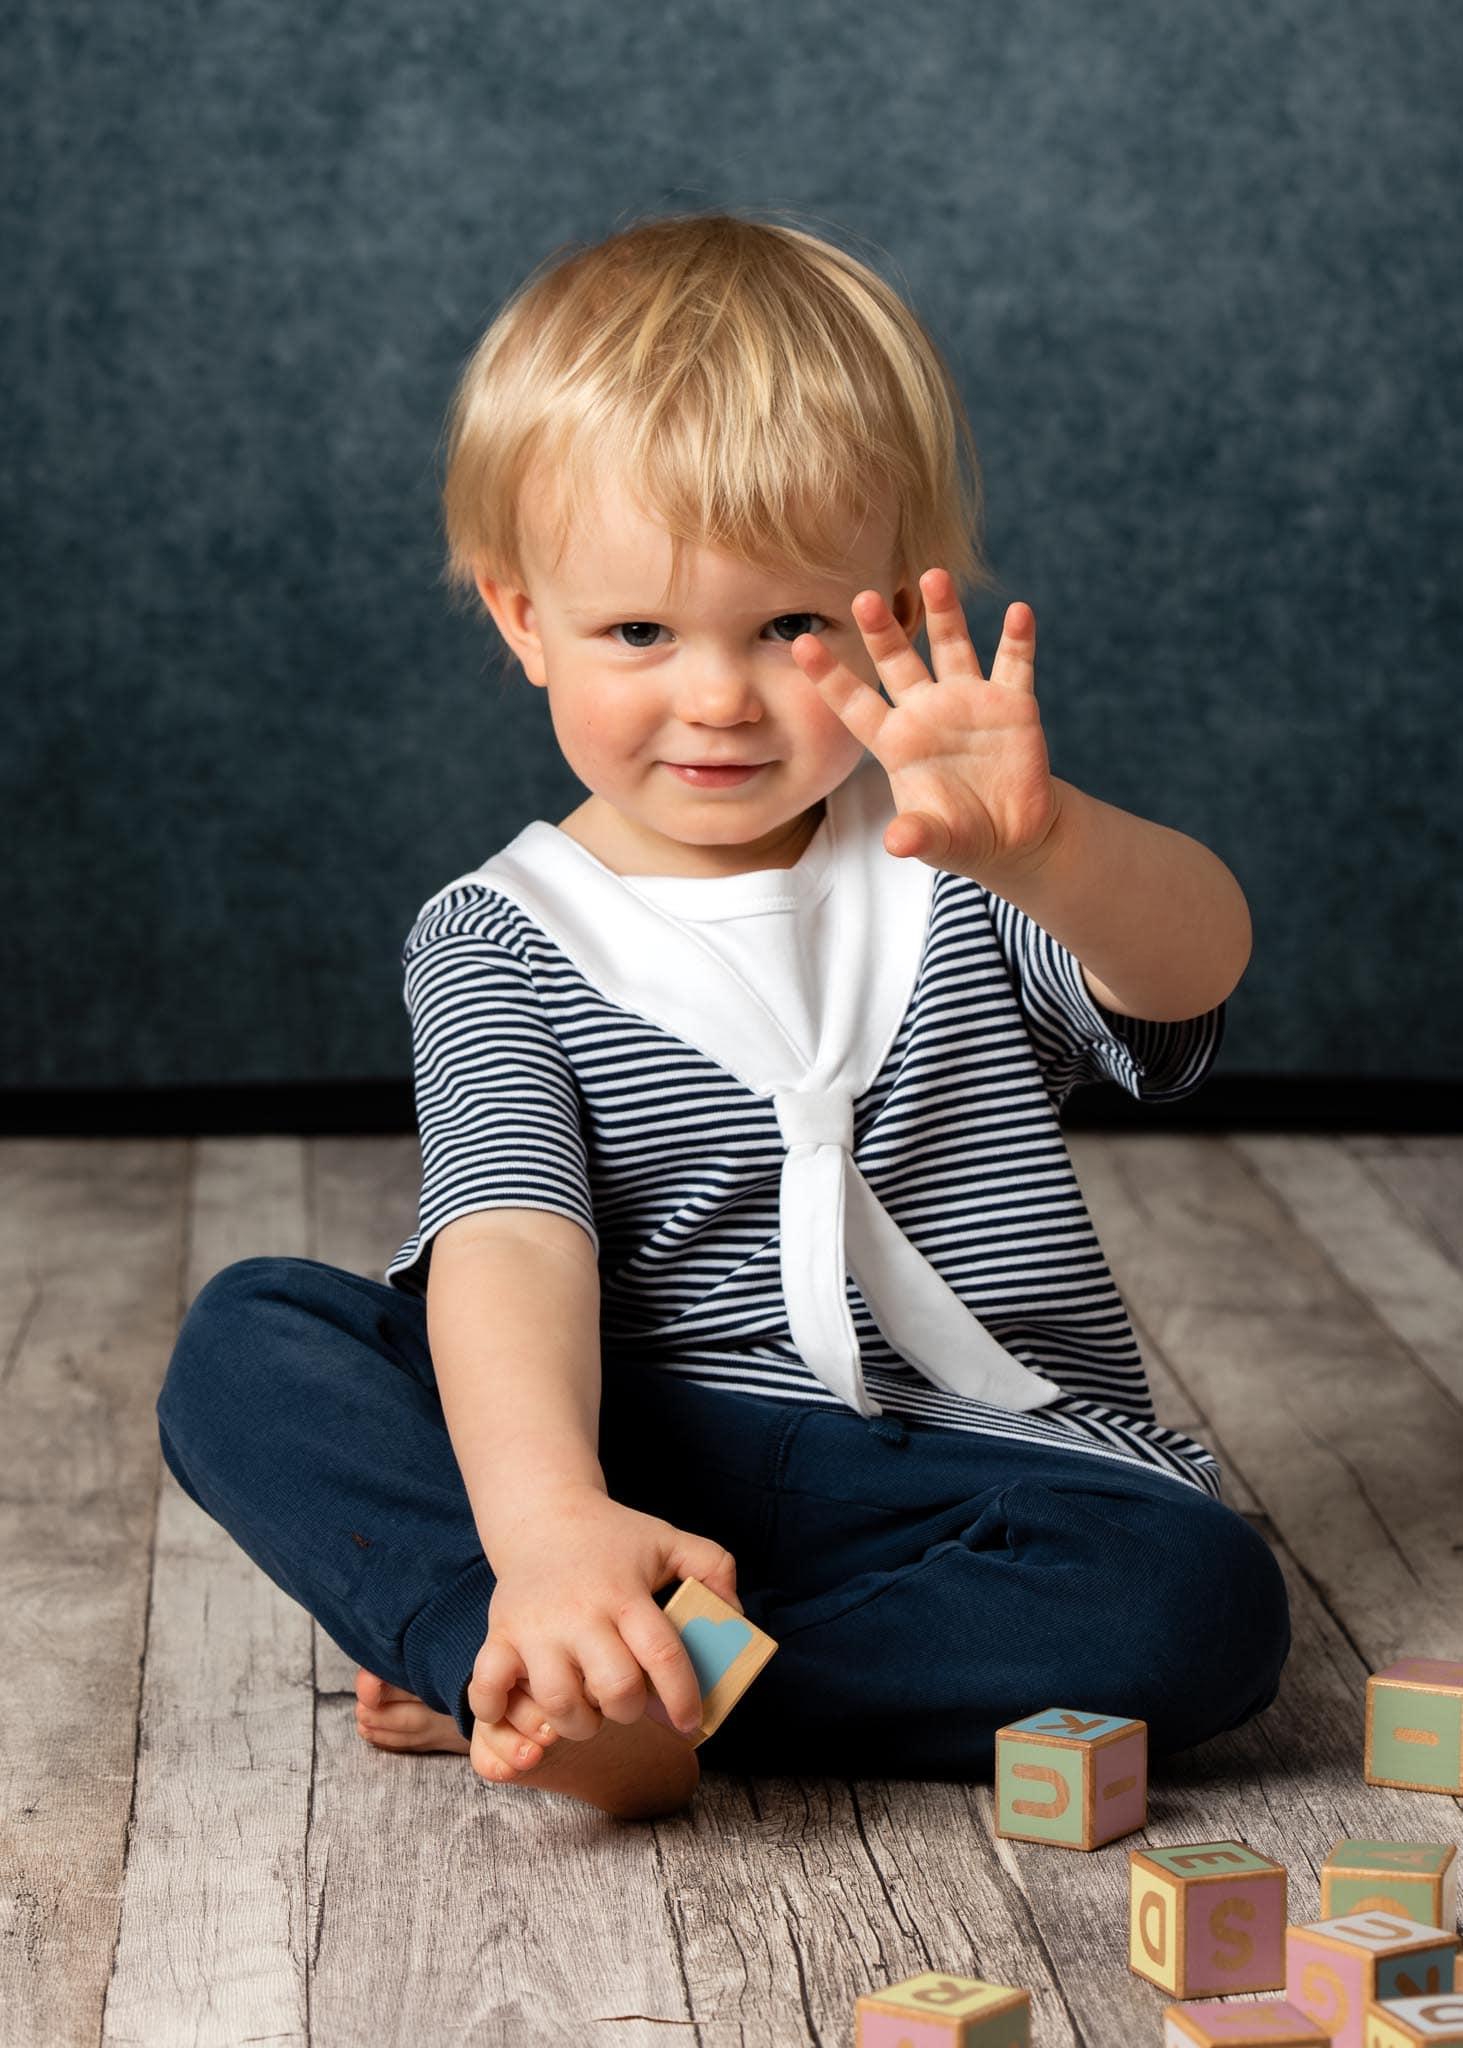 Barnfoto 2 årskort leker med klossar